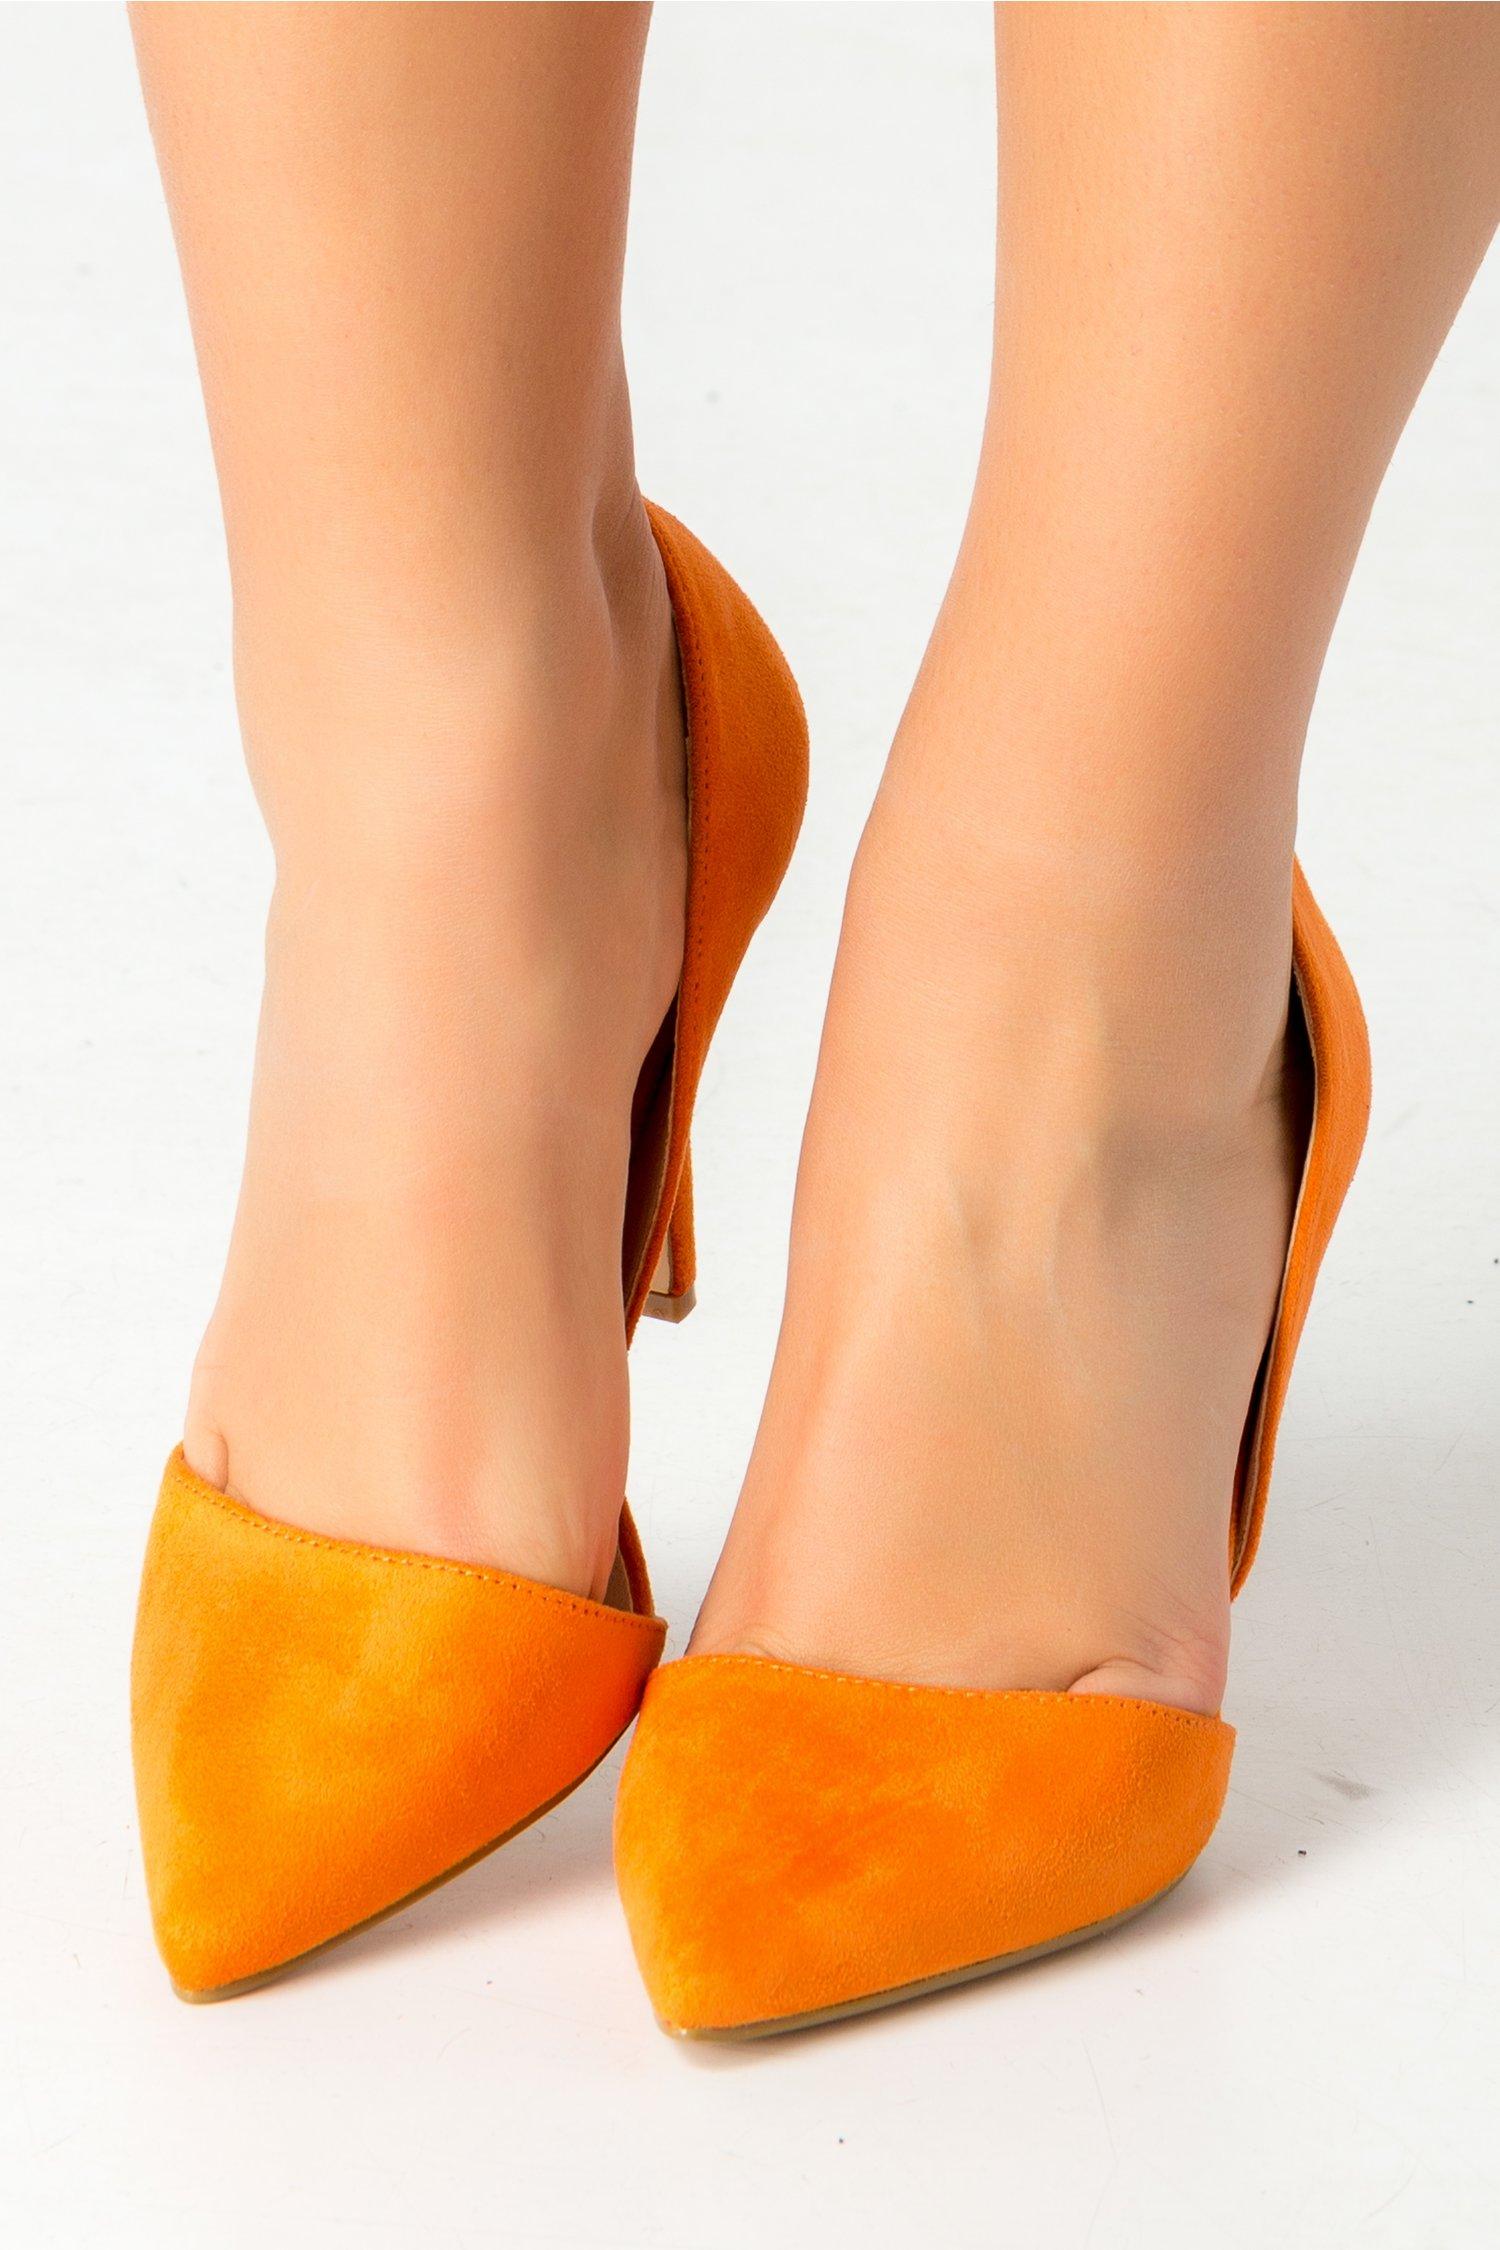 Pantofi Belvan stiletto oranj